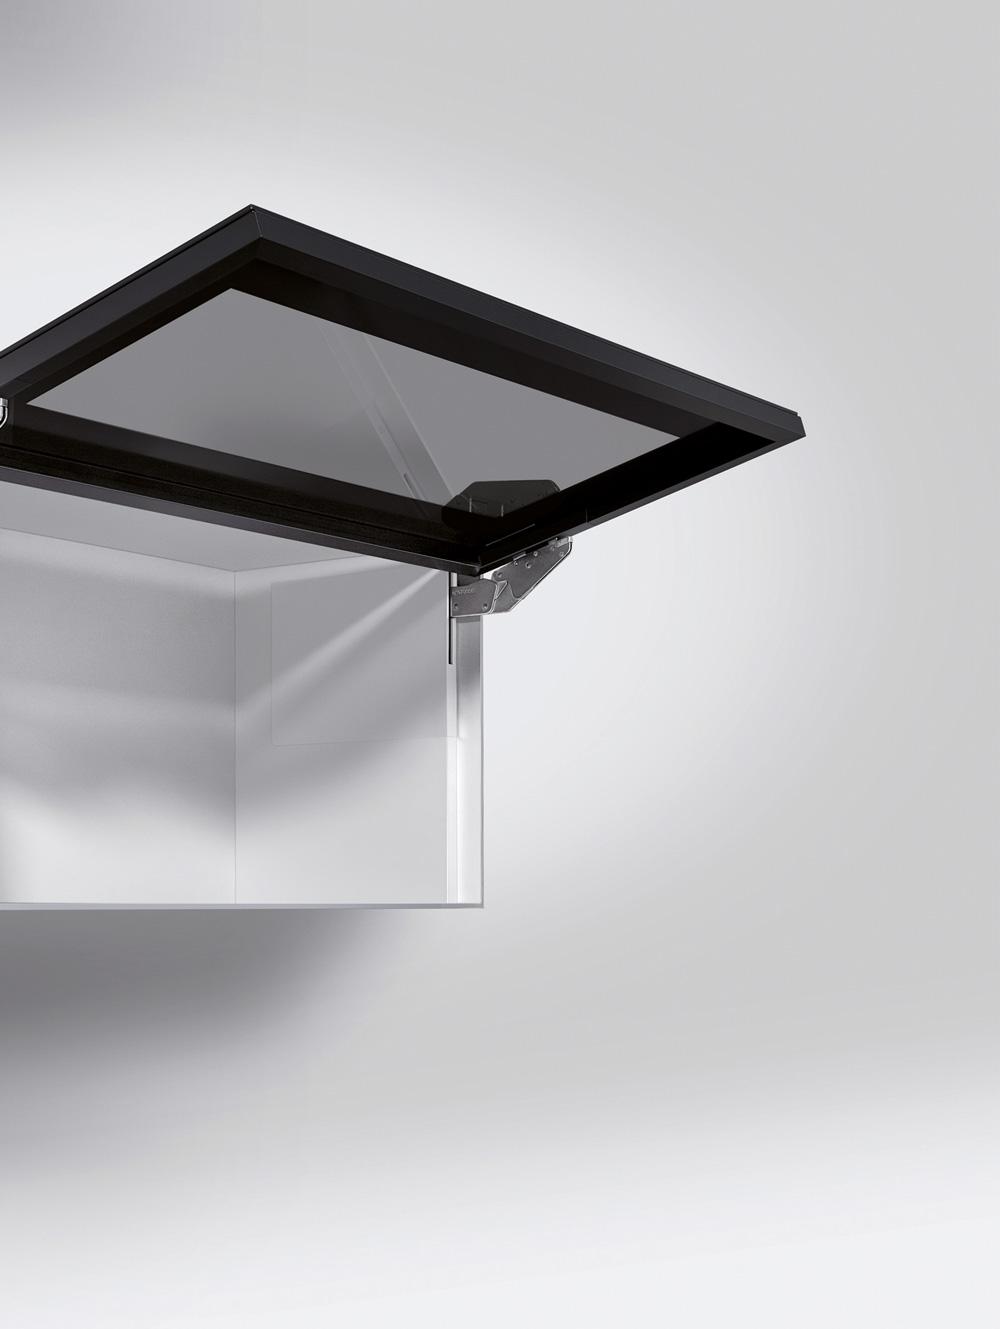 Подъемник Kinvaro T-Slim для фасада из алюм. рамки, КМ 1000-2250, с плавным закрыванием, белый